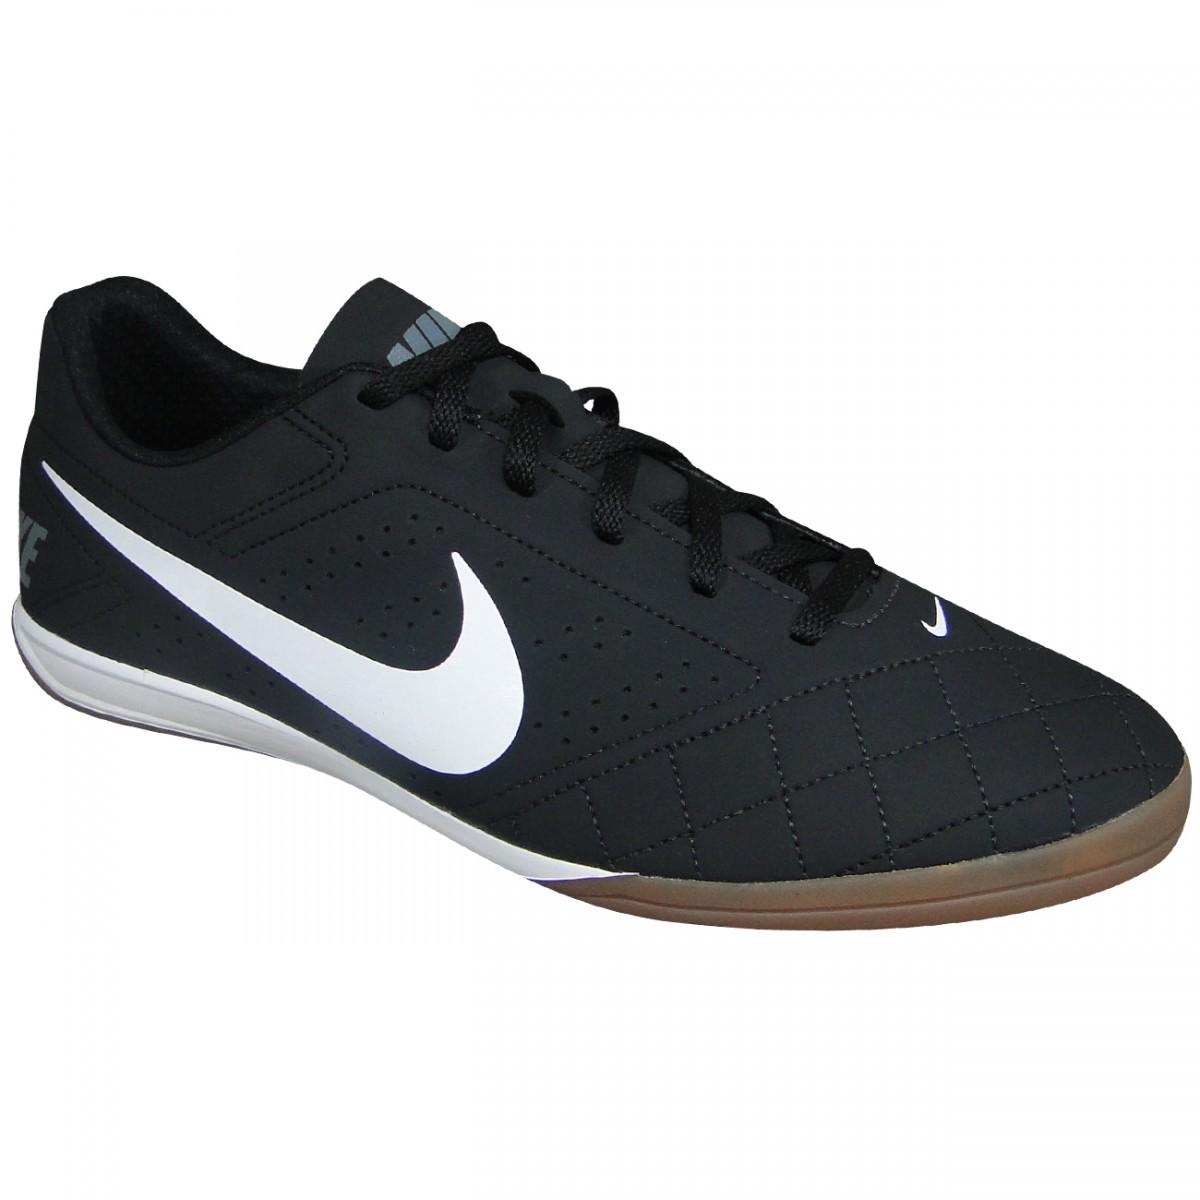 Bizz Store - Chuteira Para Futsal Nike Beco 2 Masculina 646433 84dac2ef620f3